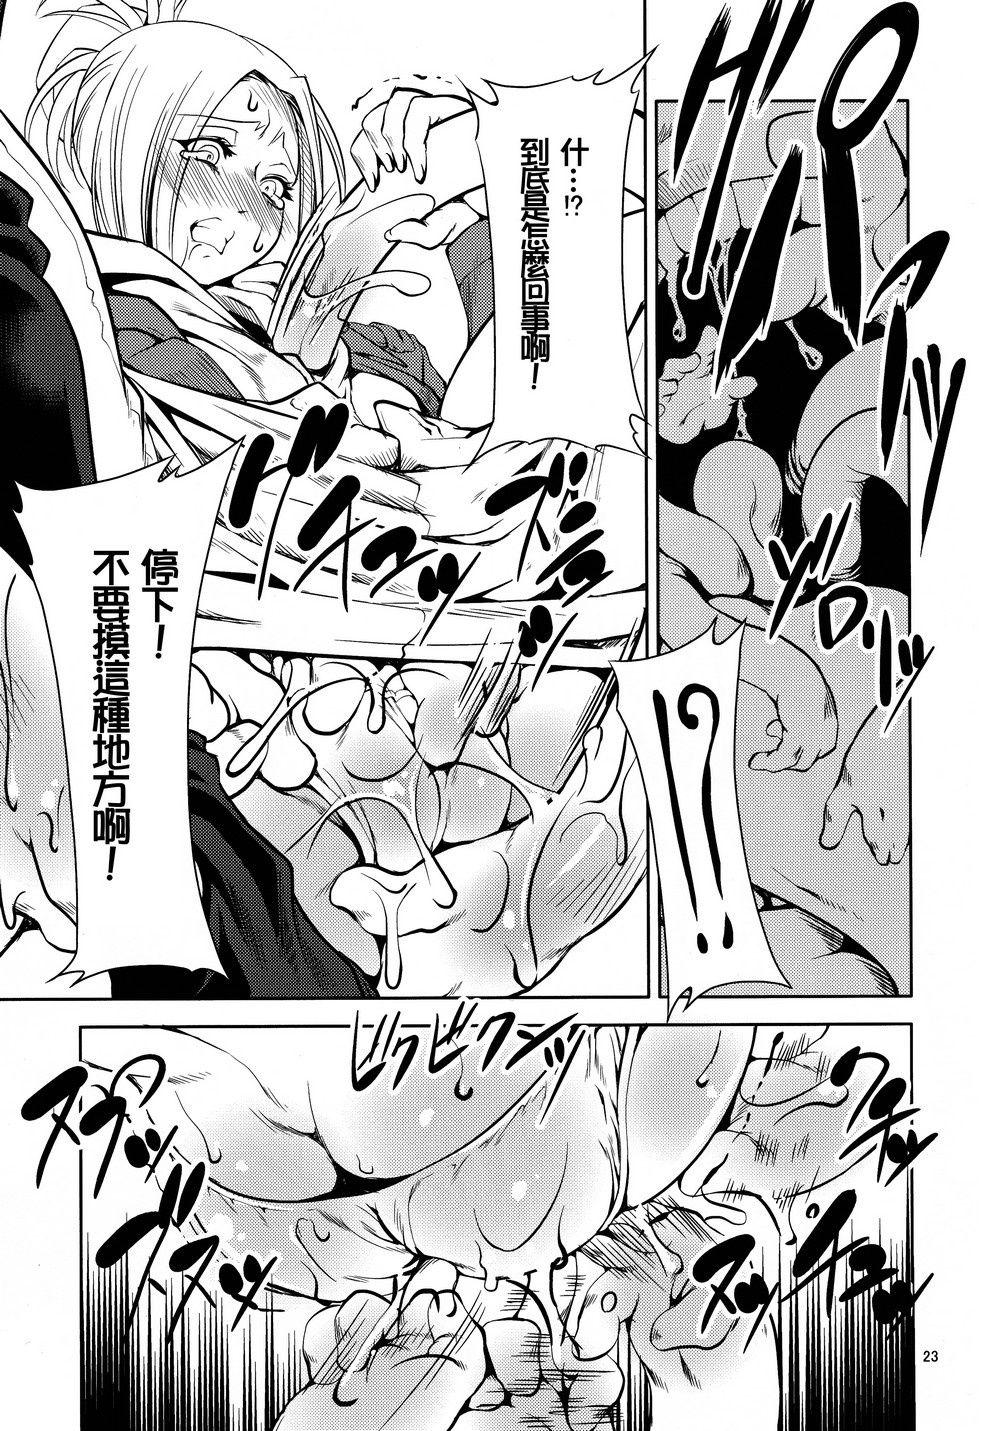 Sekai no shinditsu hentai manga picture 19